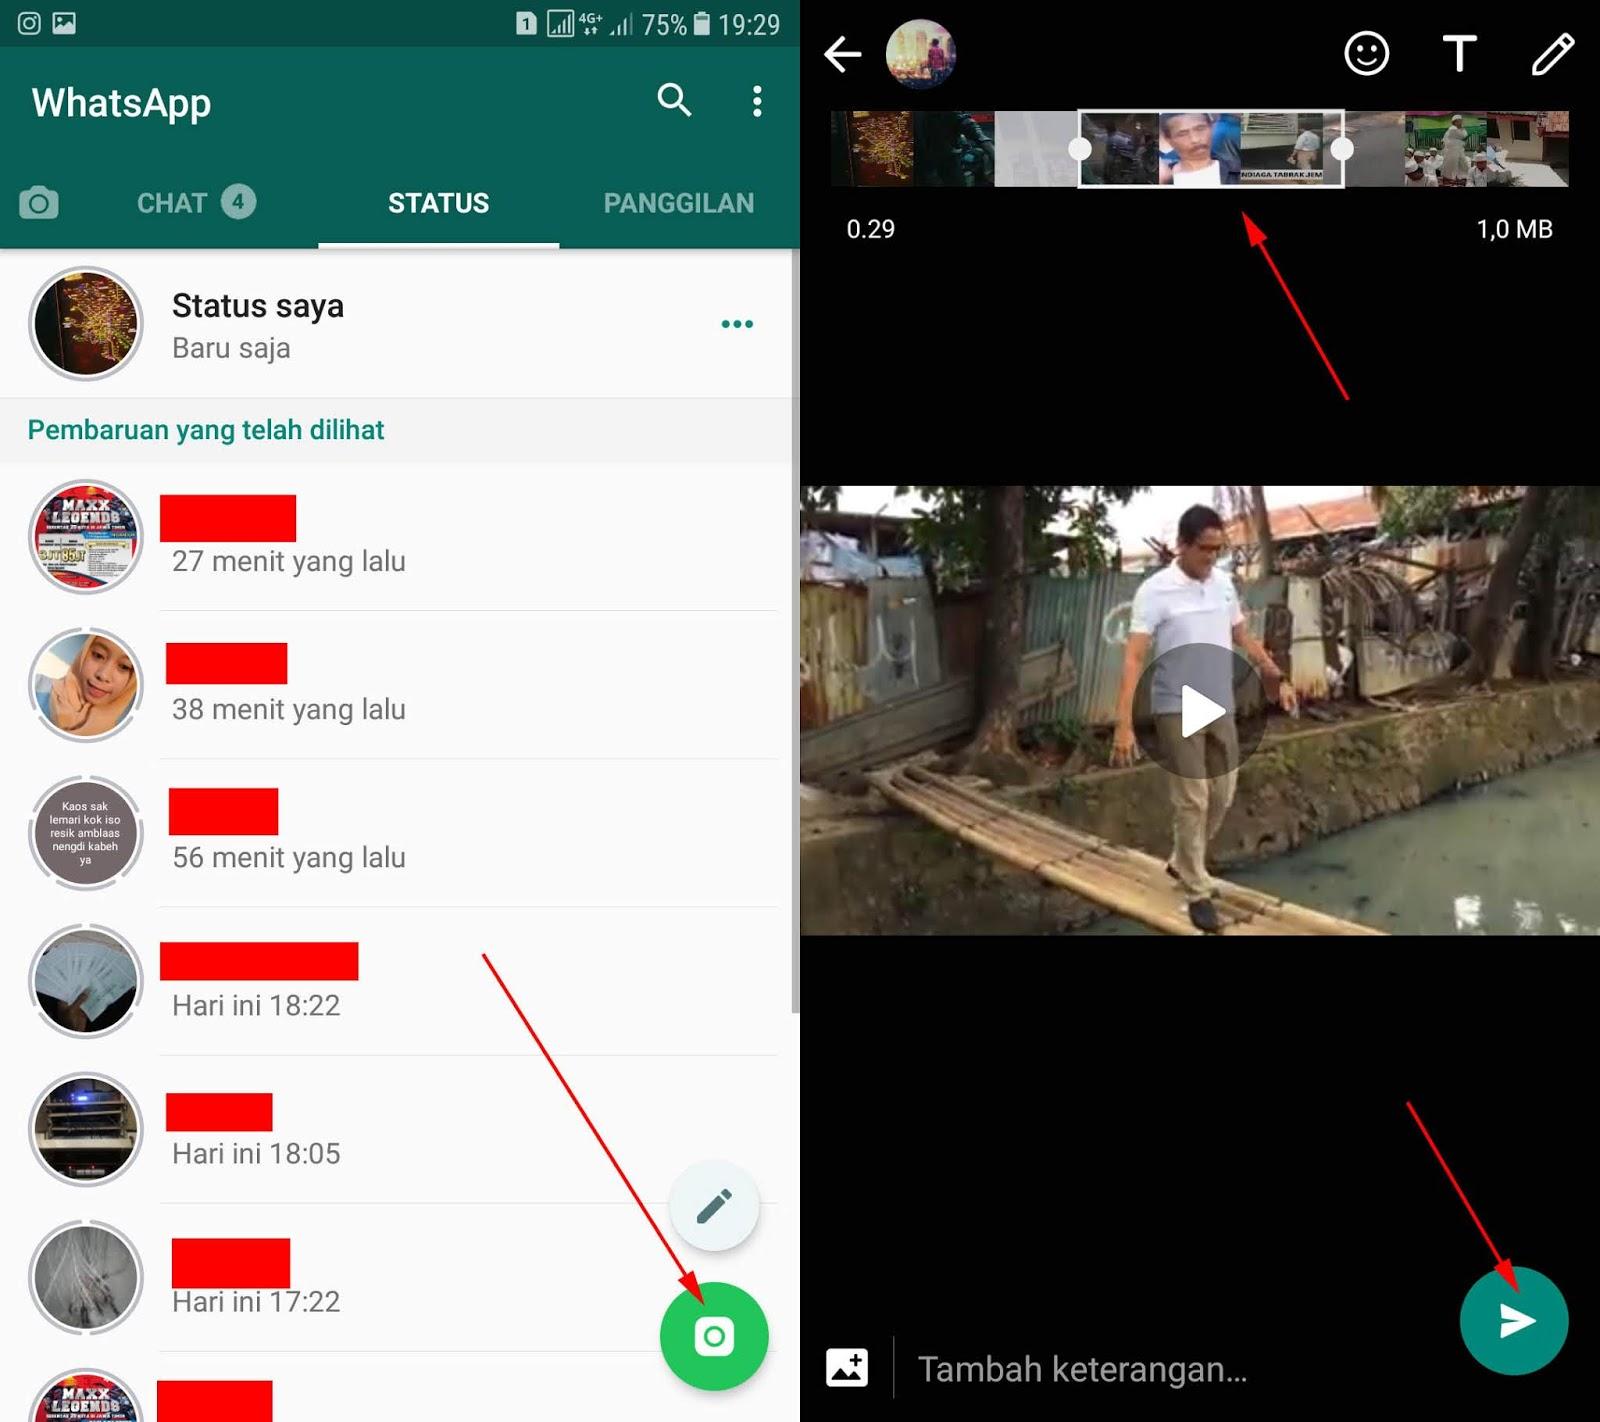 Caranya tekan ikon kamera dibagian pojok kanan bawah lalu upload video yang sama Nah disini tinggal